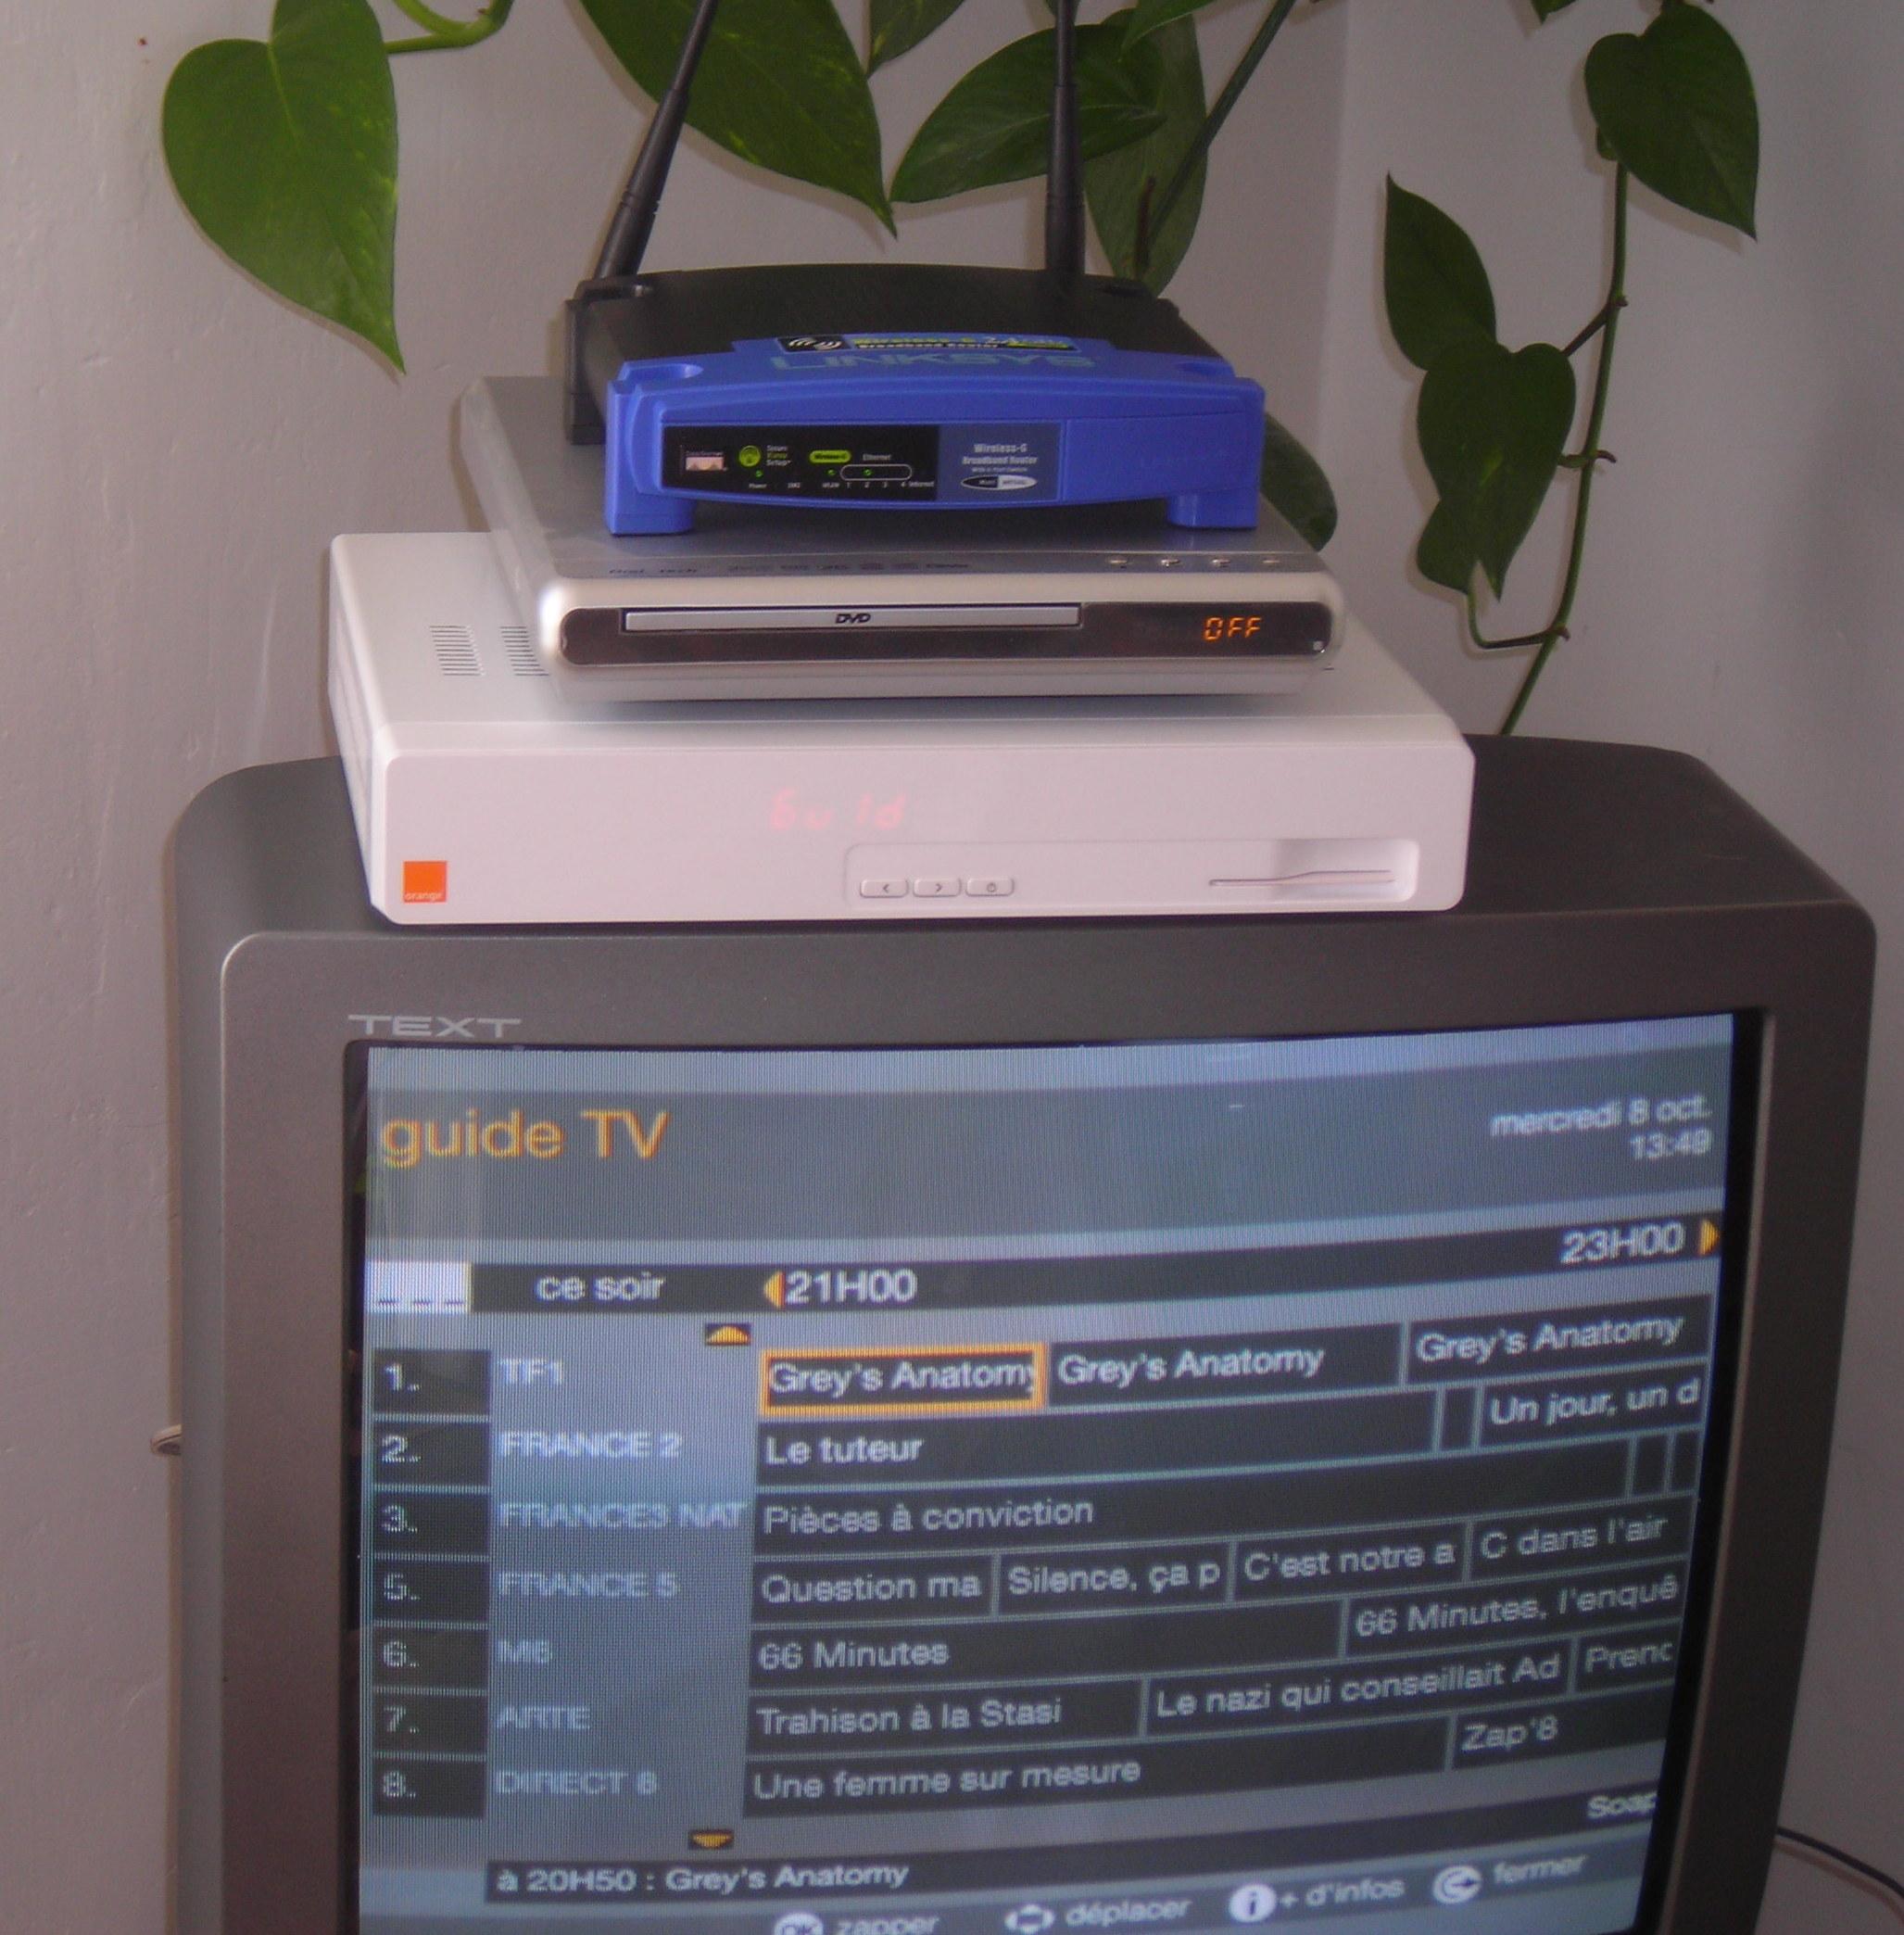 blog wifi 3g 4g hotspots tv orange satellite sans fil. Black Bedroom Furniture Sets. Home Design Ideas